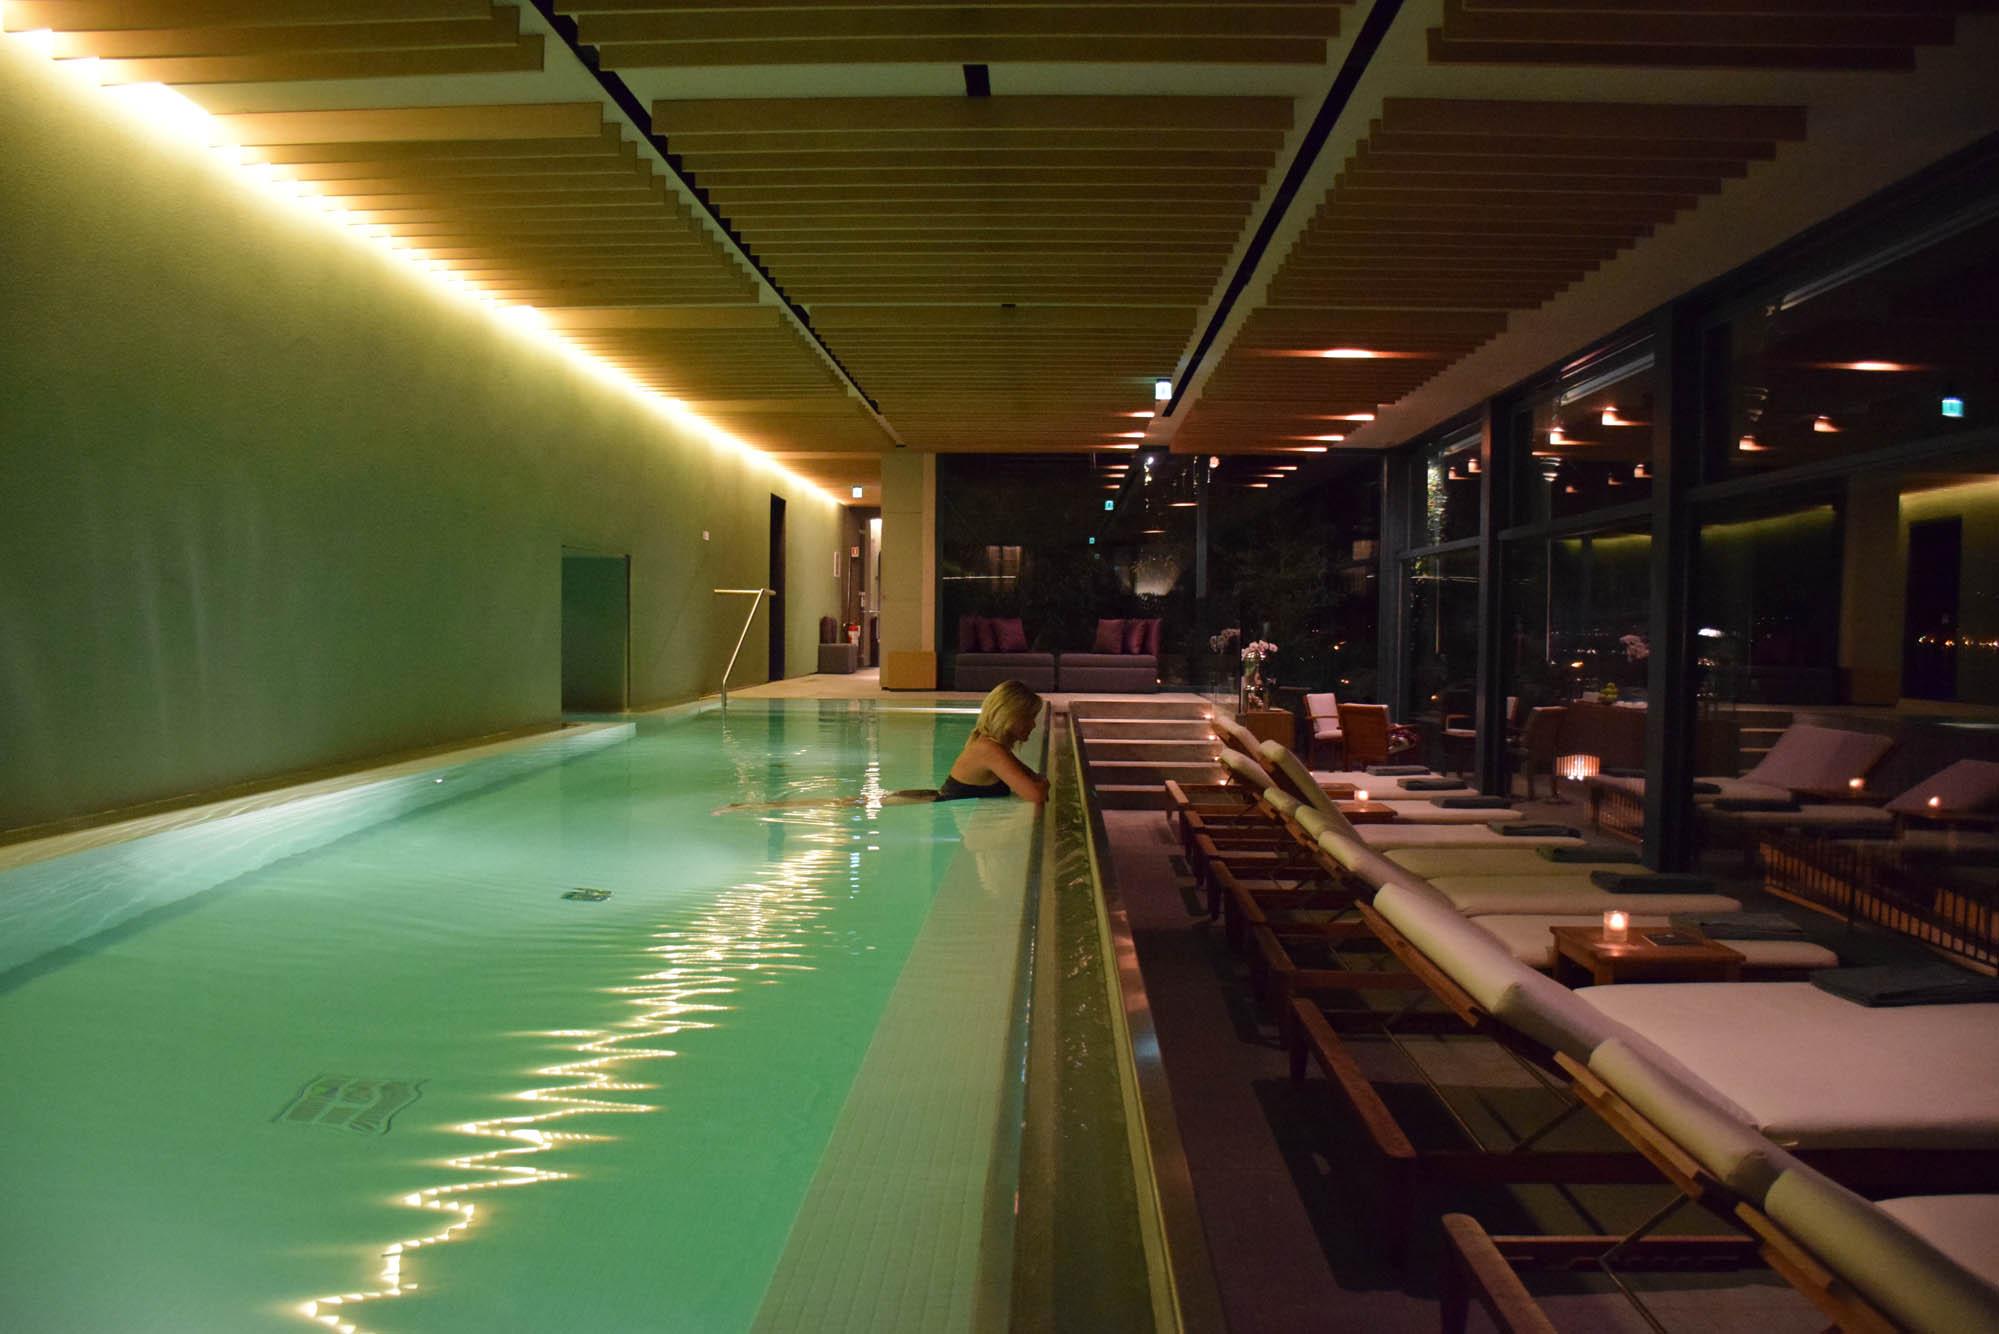 Piscina do SPA do Grand Hotel Tremezzo | Lago di Como, Itália